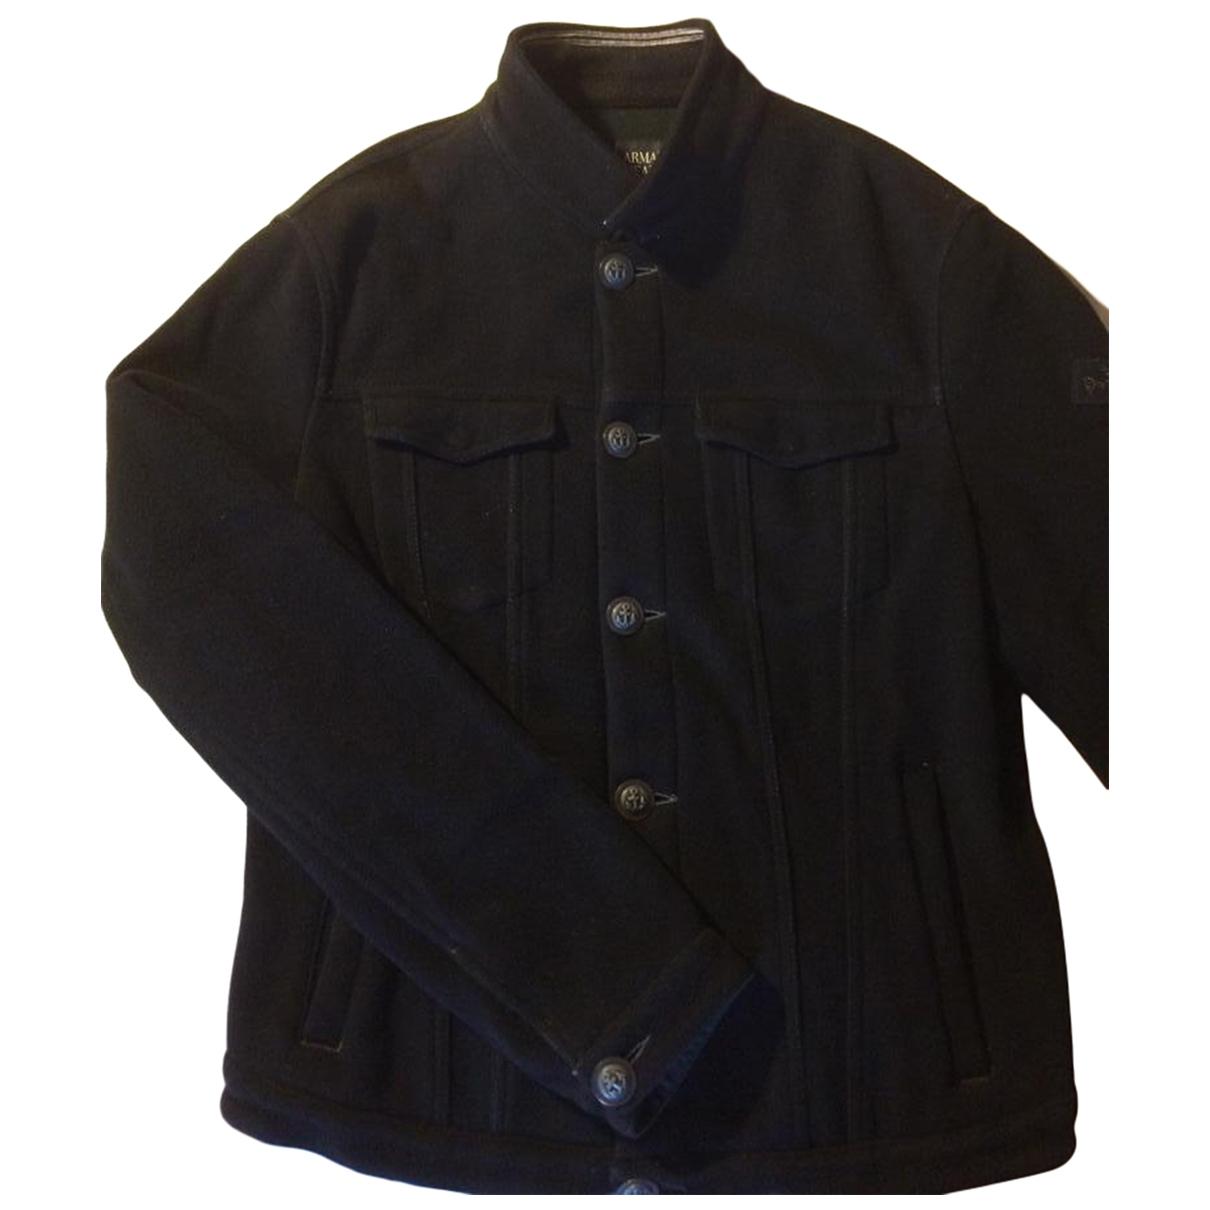 Armani Jeans \N Jacke in  Schwarz Wolle